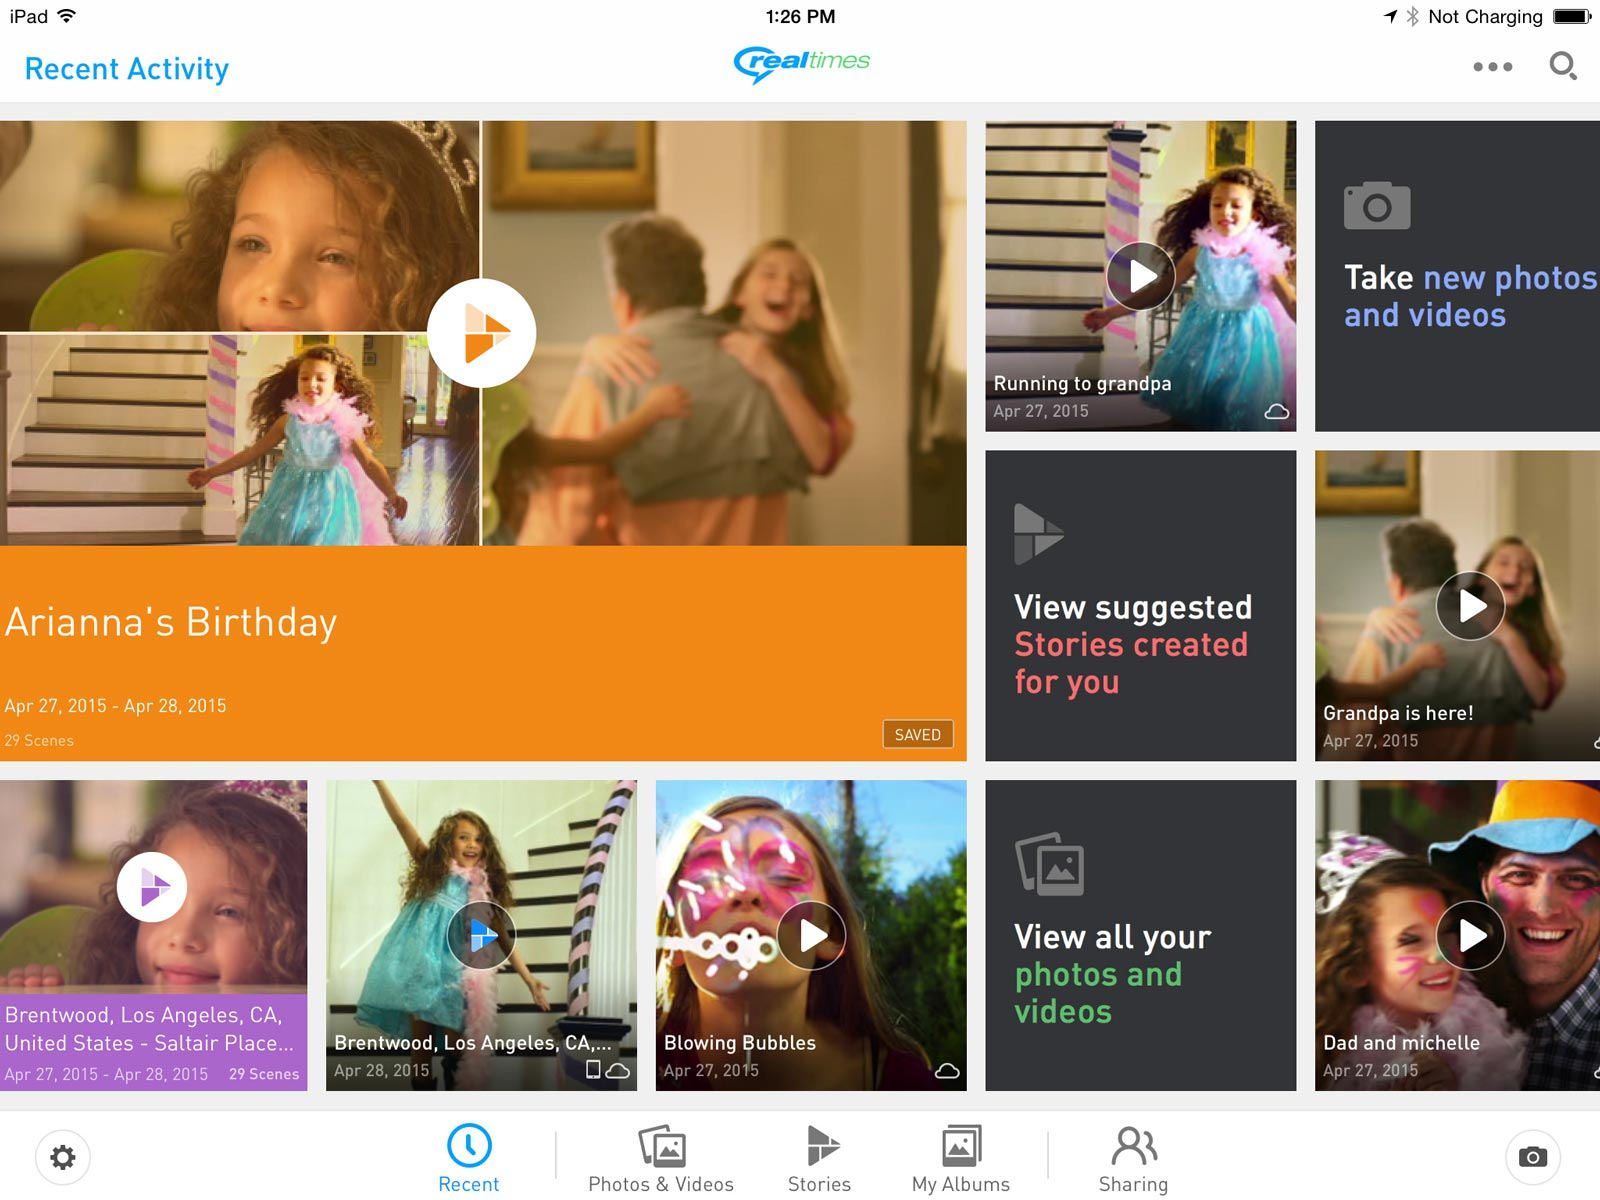 Un aperçu de RealTimes sur iPad.